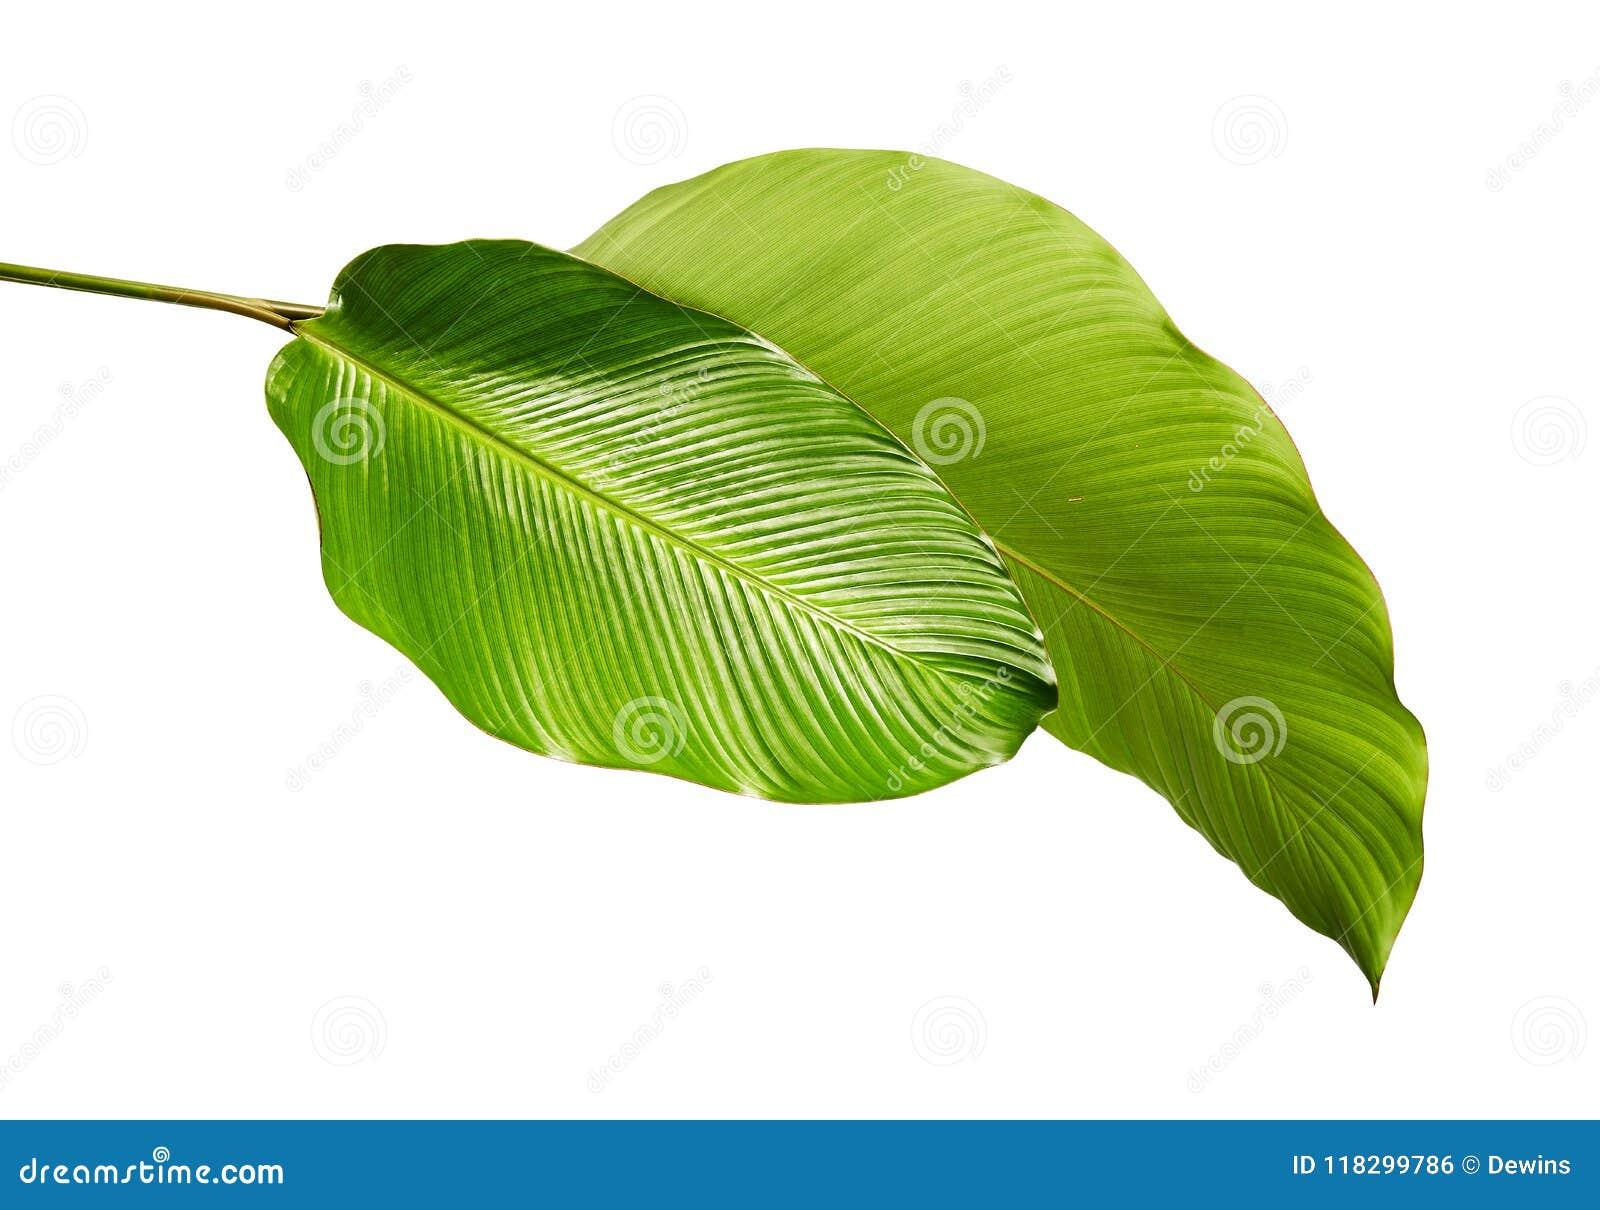 Calathea-Laub, exotisches tropisches Blatt, großes grünes Blatt, lokalisiert auf weißem Hintergrund mit Beschneidungspfad